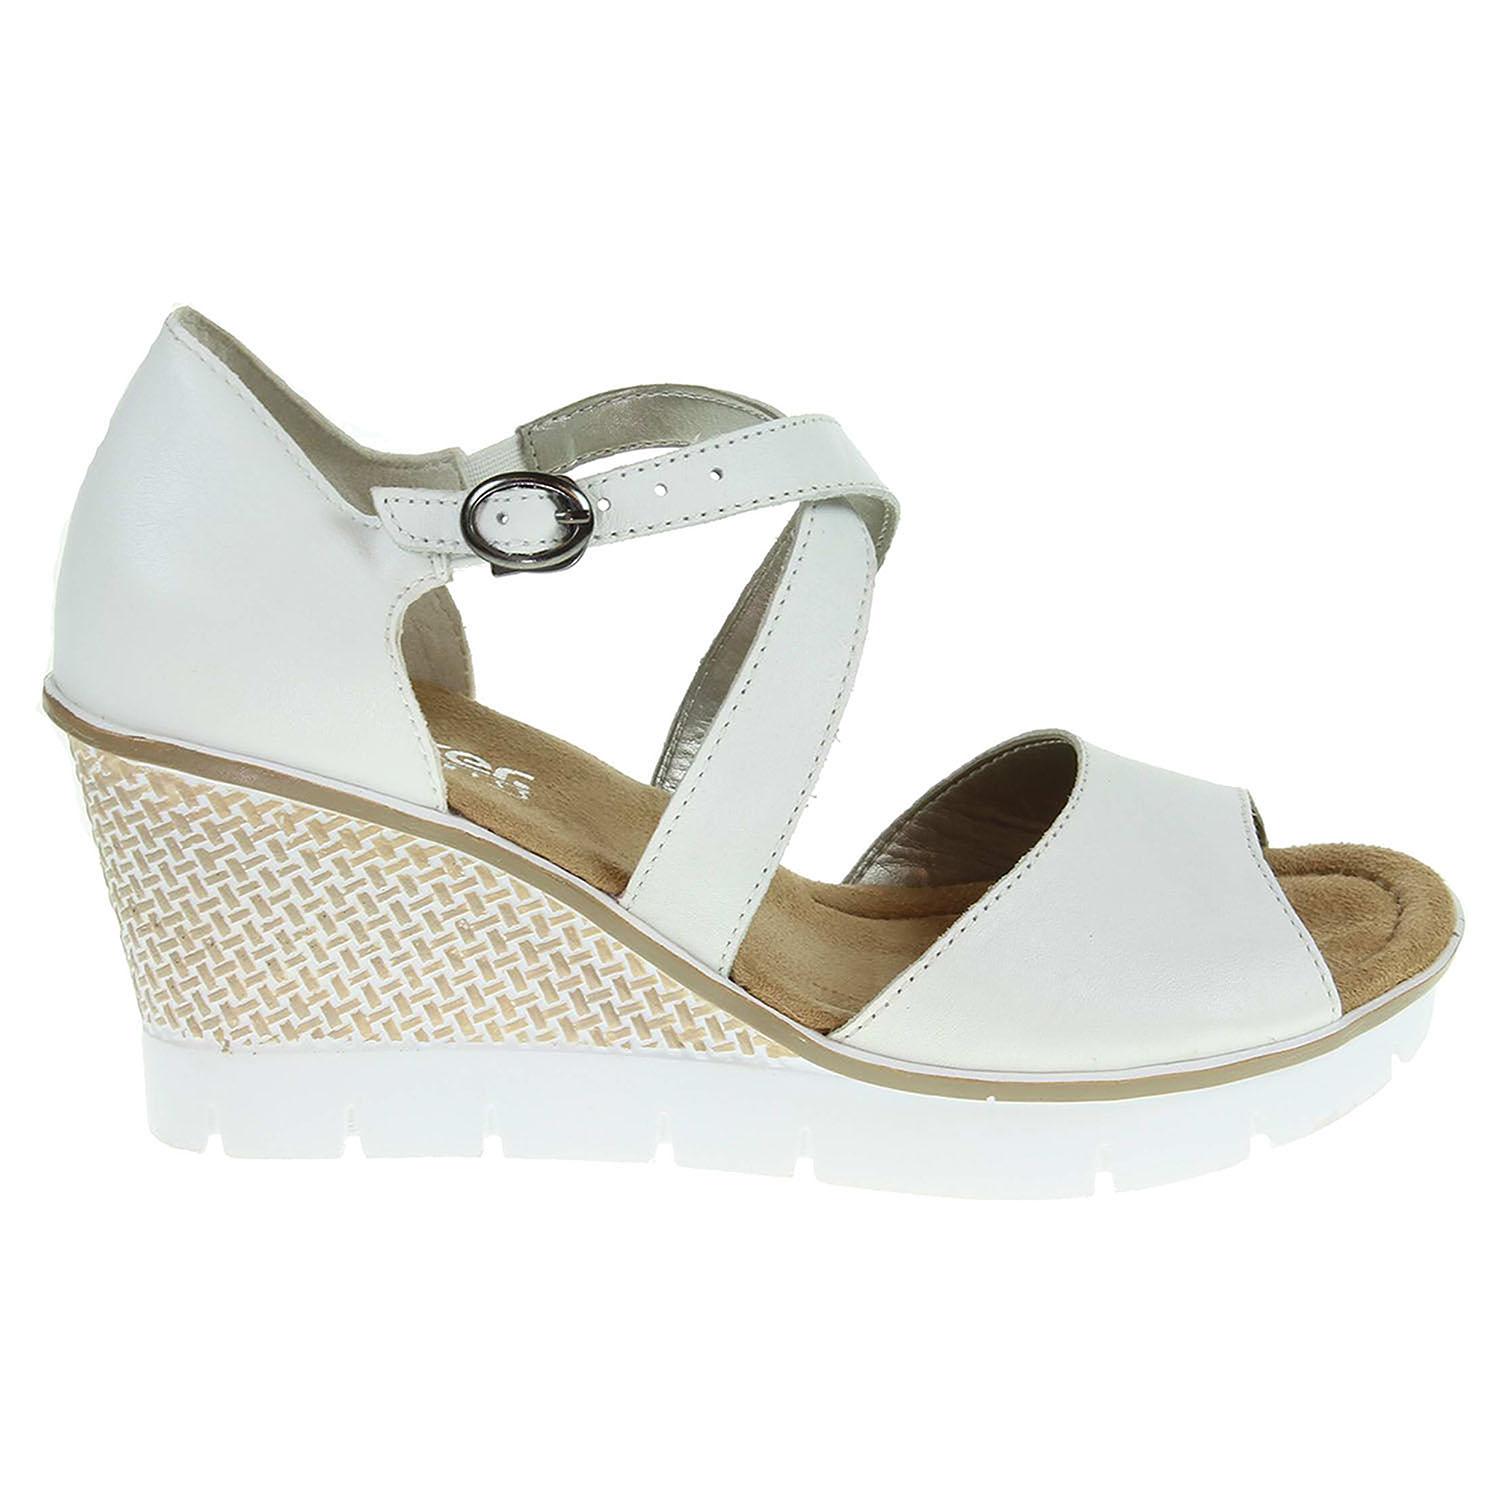 0ea643cb6b74 Rieker dámské sandály 68548-80 bílé 37